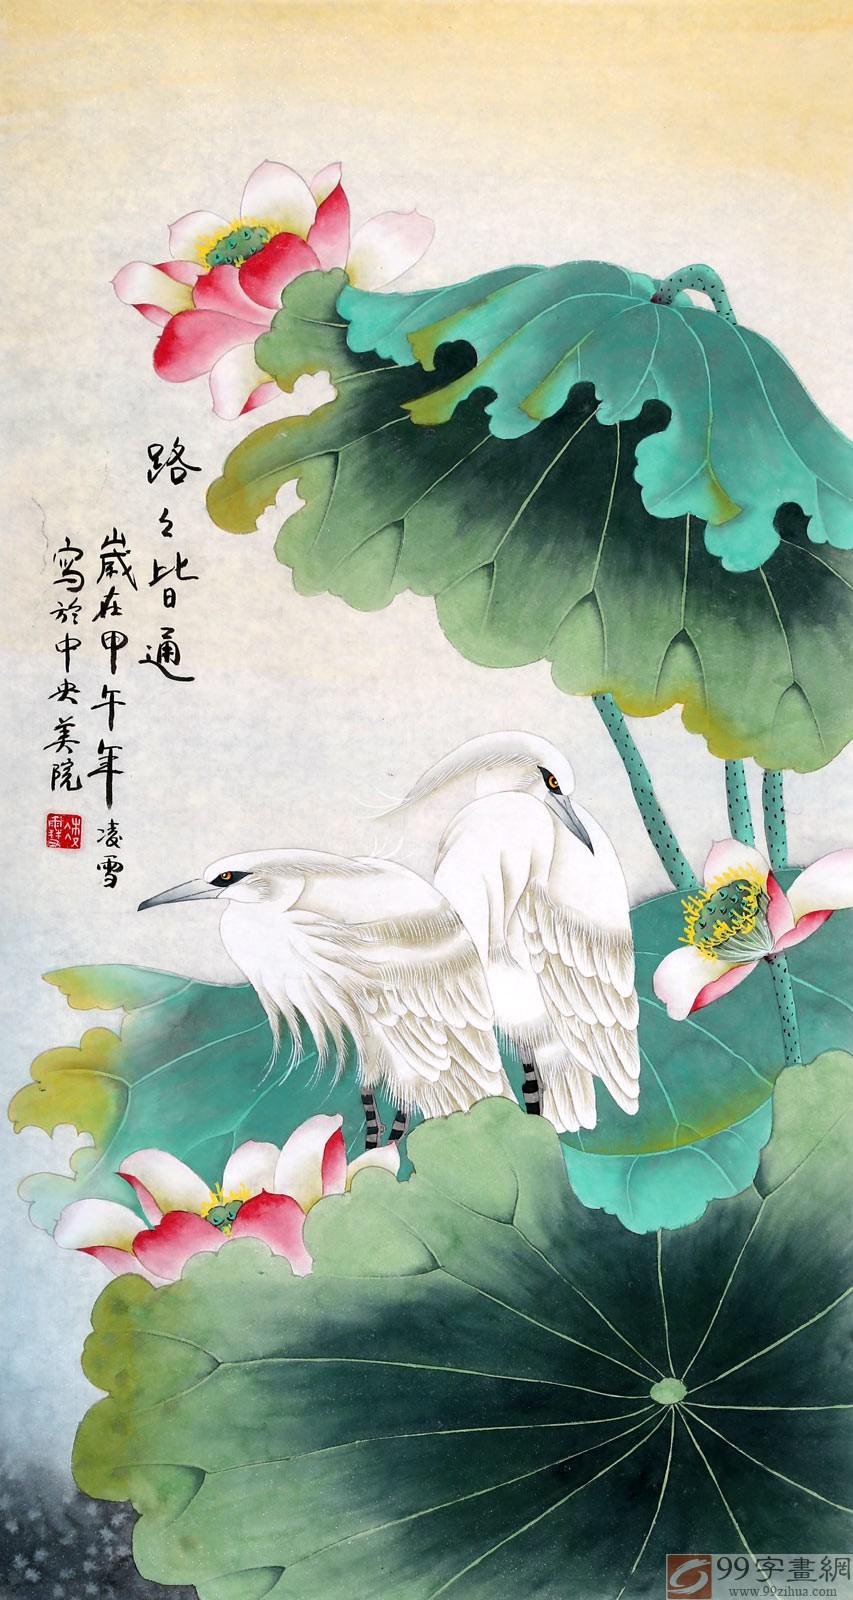 白鹭工笔画_北京美协凌雪三尺荷花白鹭《路路皆通》 - 荷花图 - 99字画网